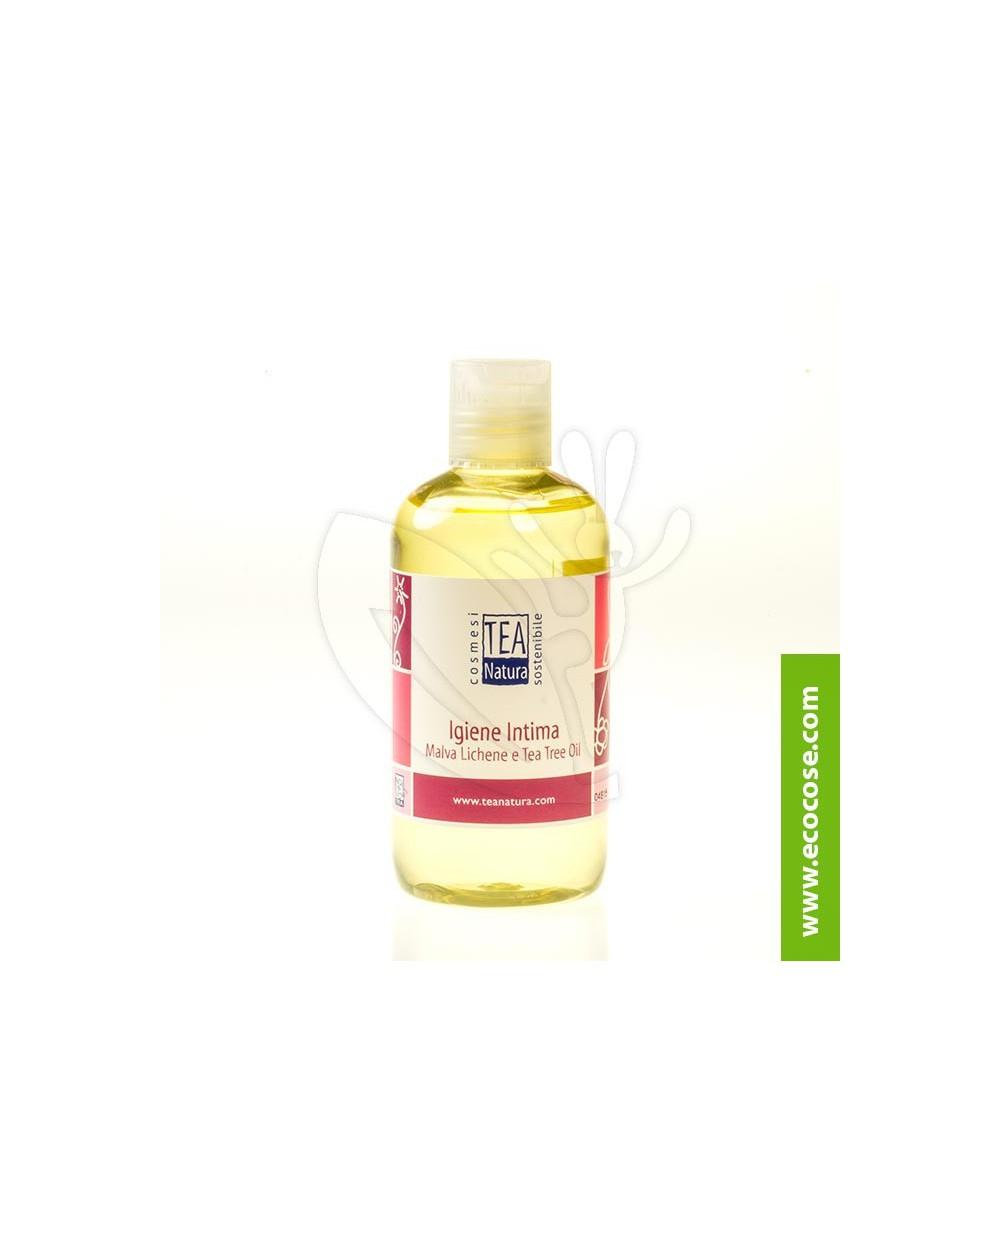 Tea Natura - Detergente intimo Malva, Lichene e Tea Tree Oil